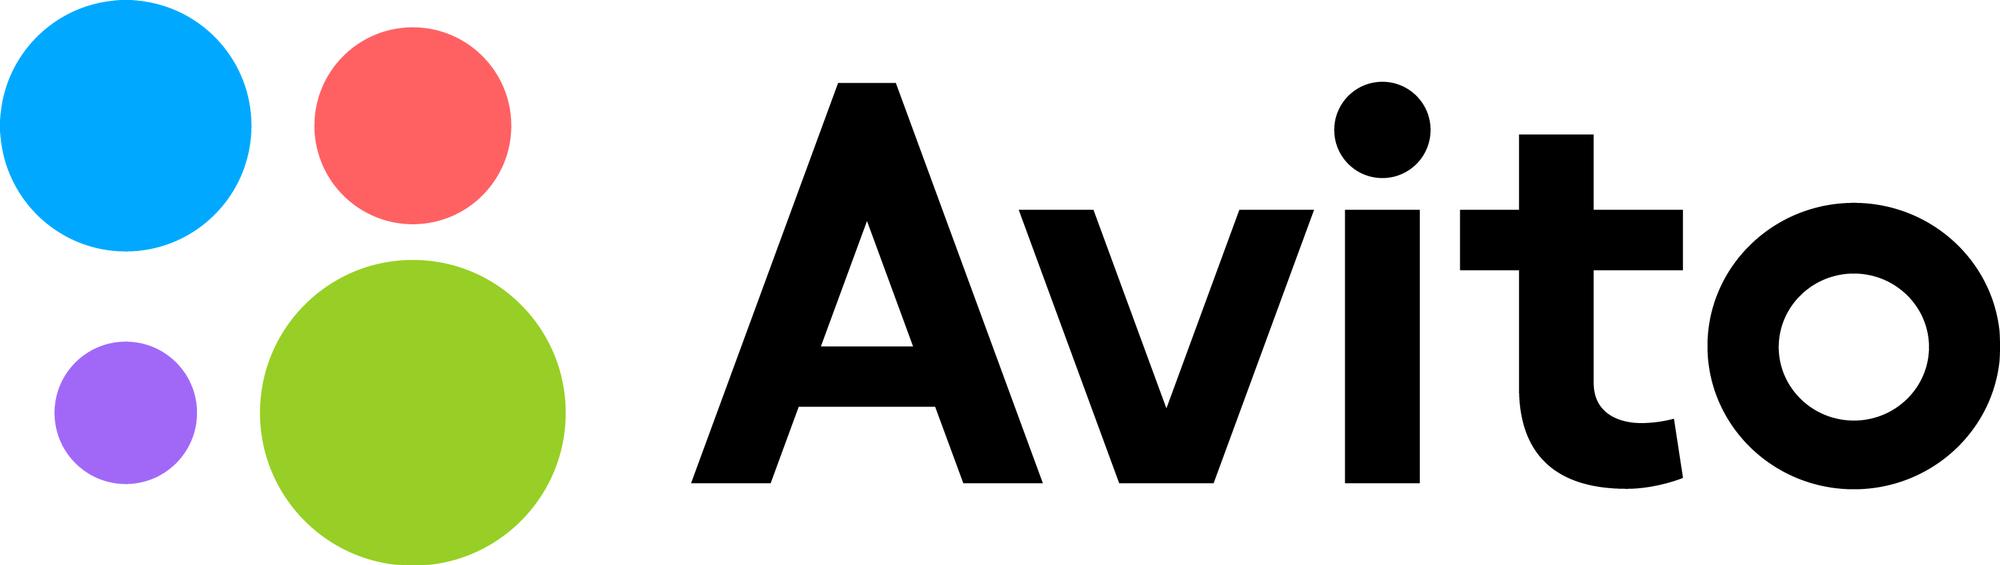 лого авито